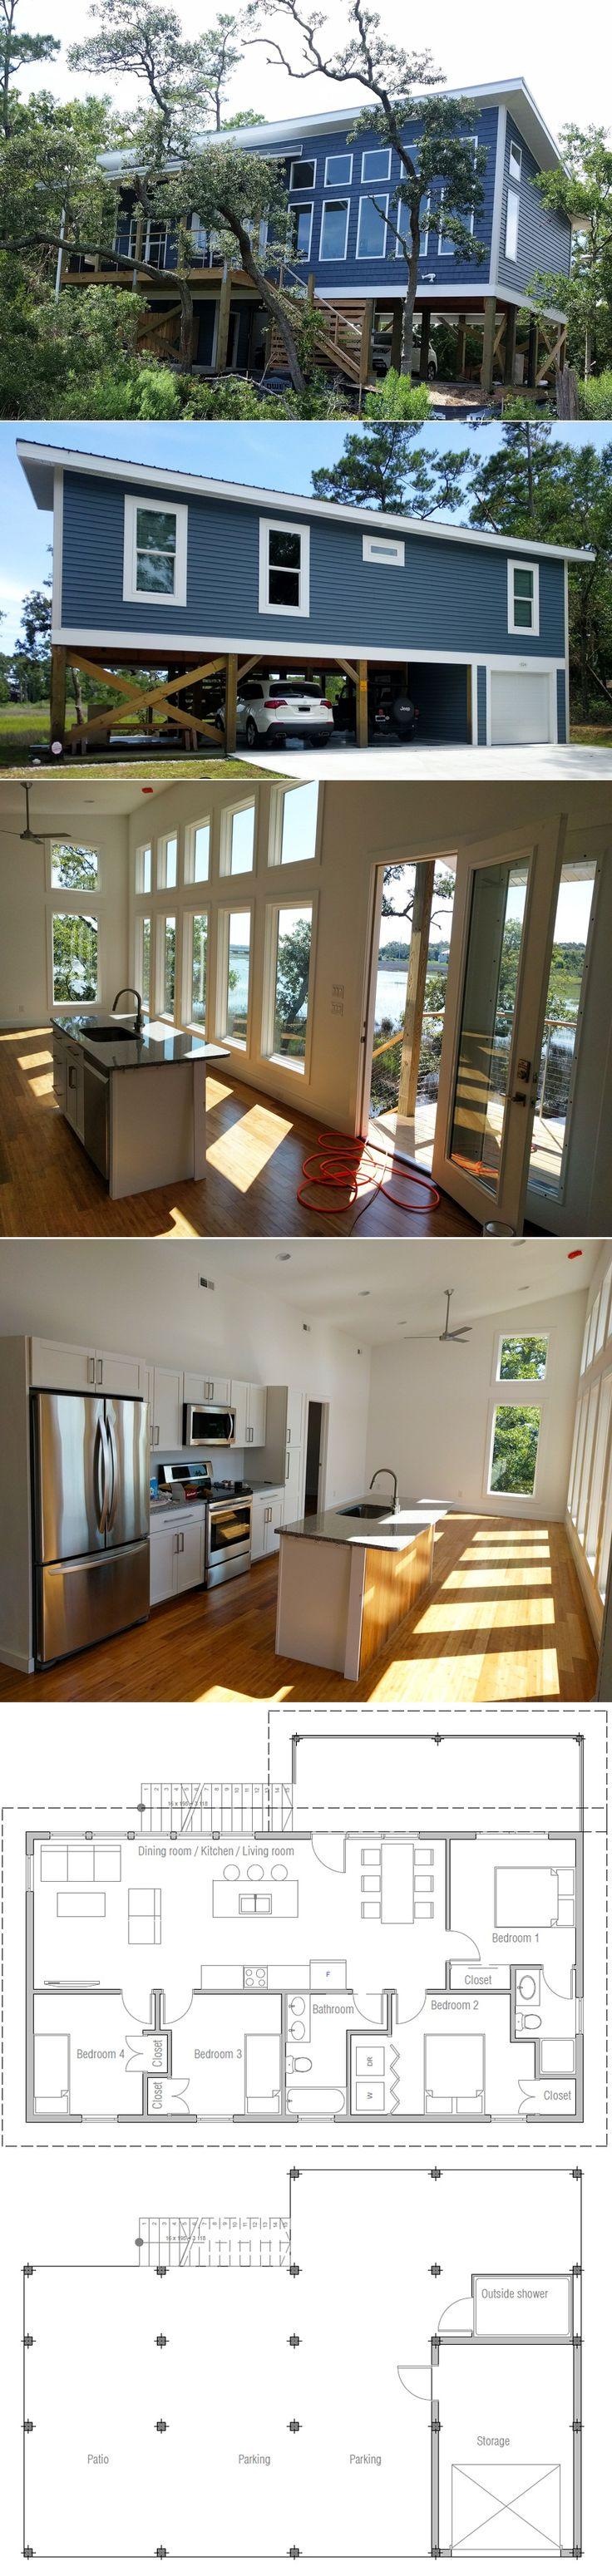 74a8cdfce64771233a18d709e072d18c Elegantes 3 Zimmer Wohnung Lörrach Dekorationen